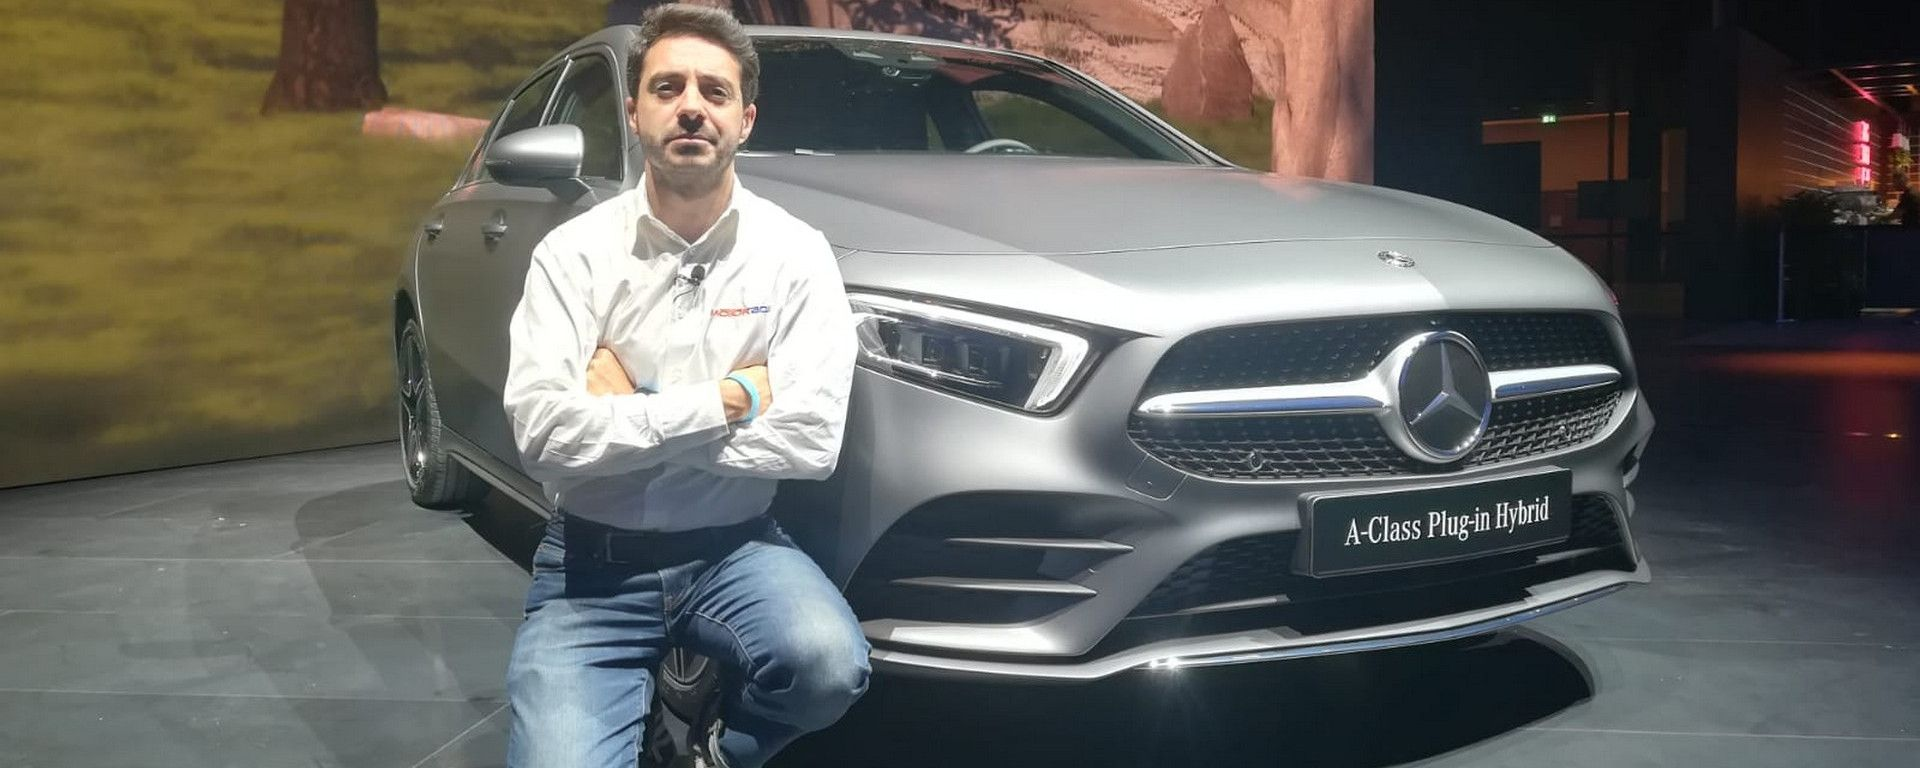 Mercedes Classe A Plug in Hybrid